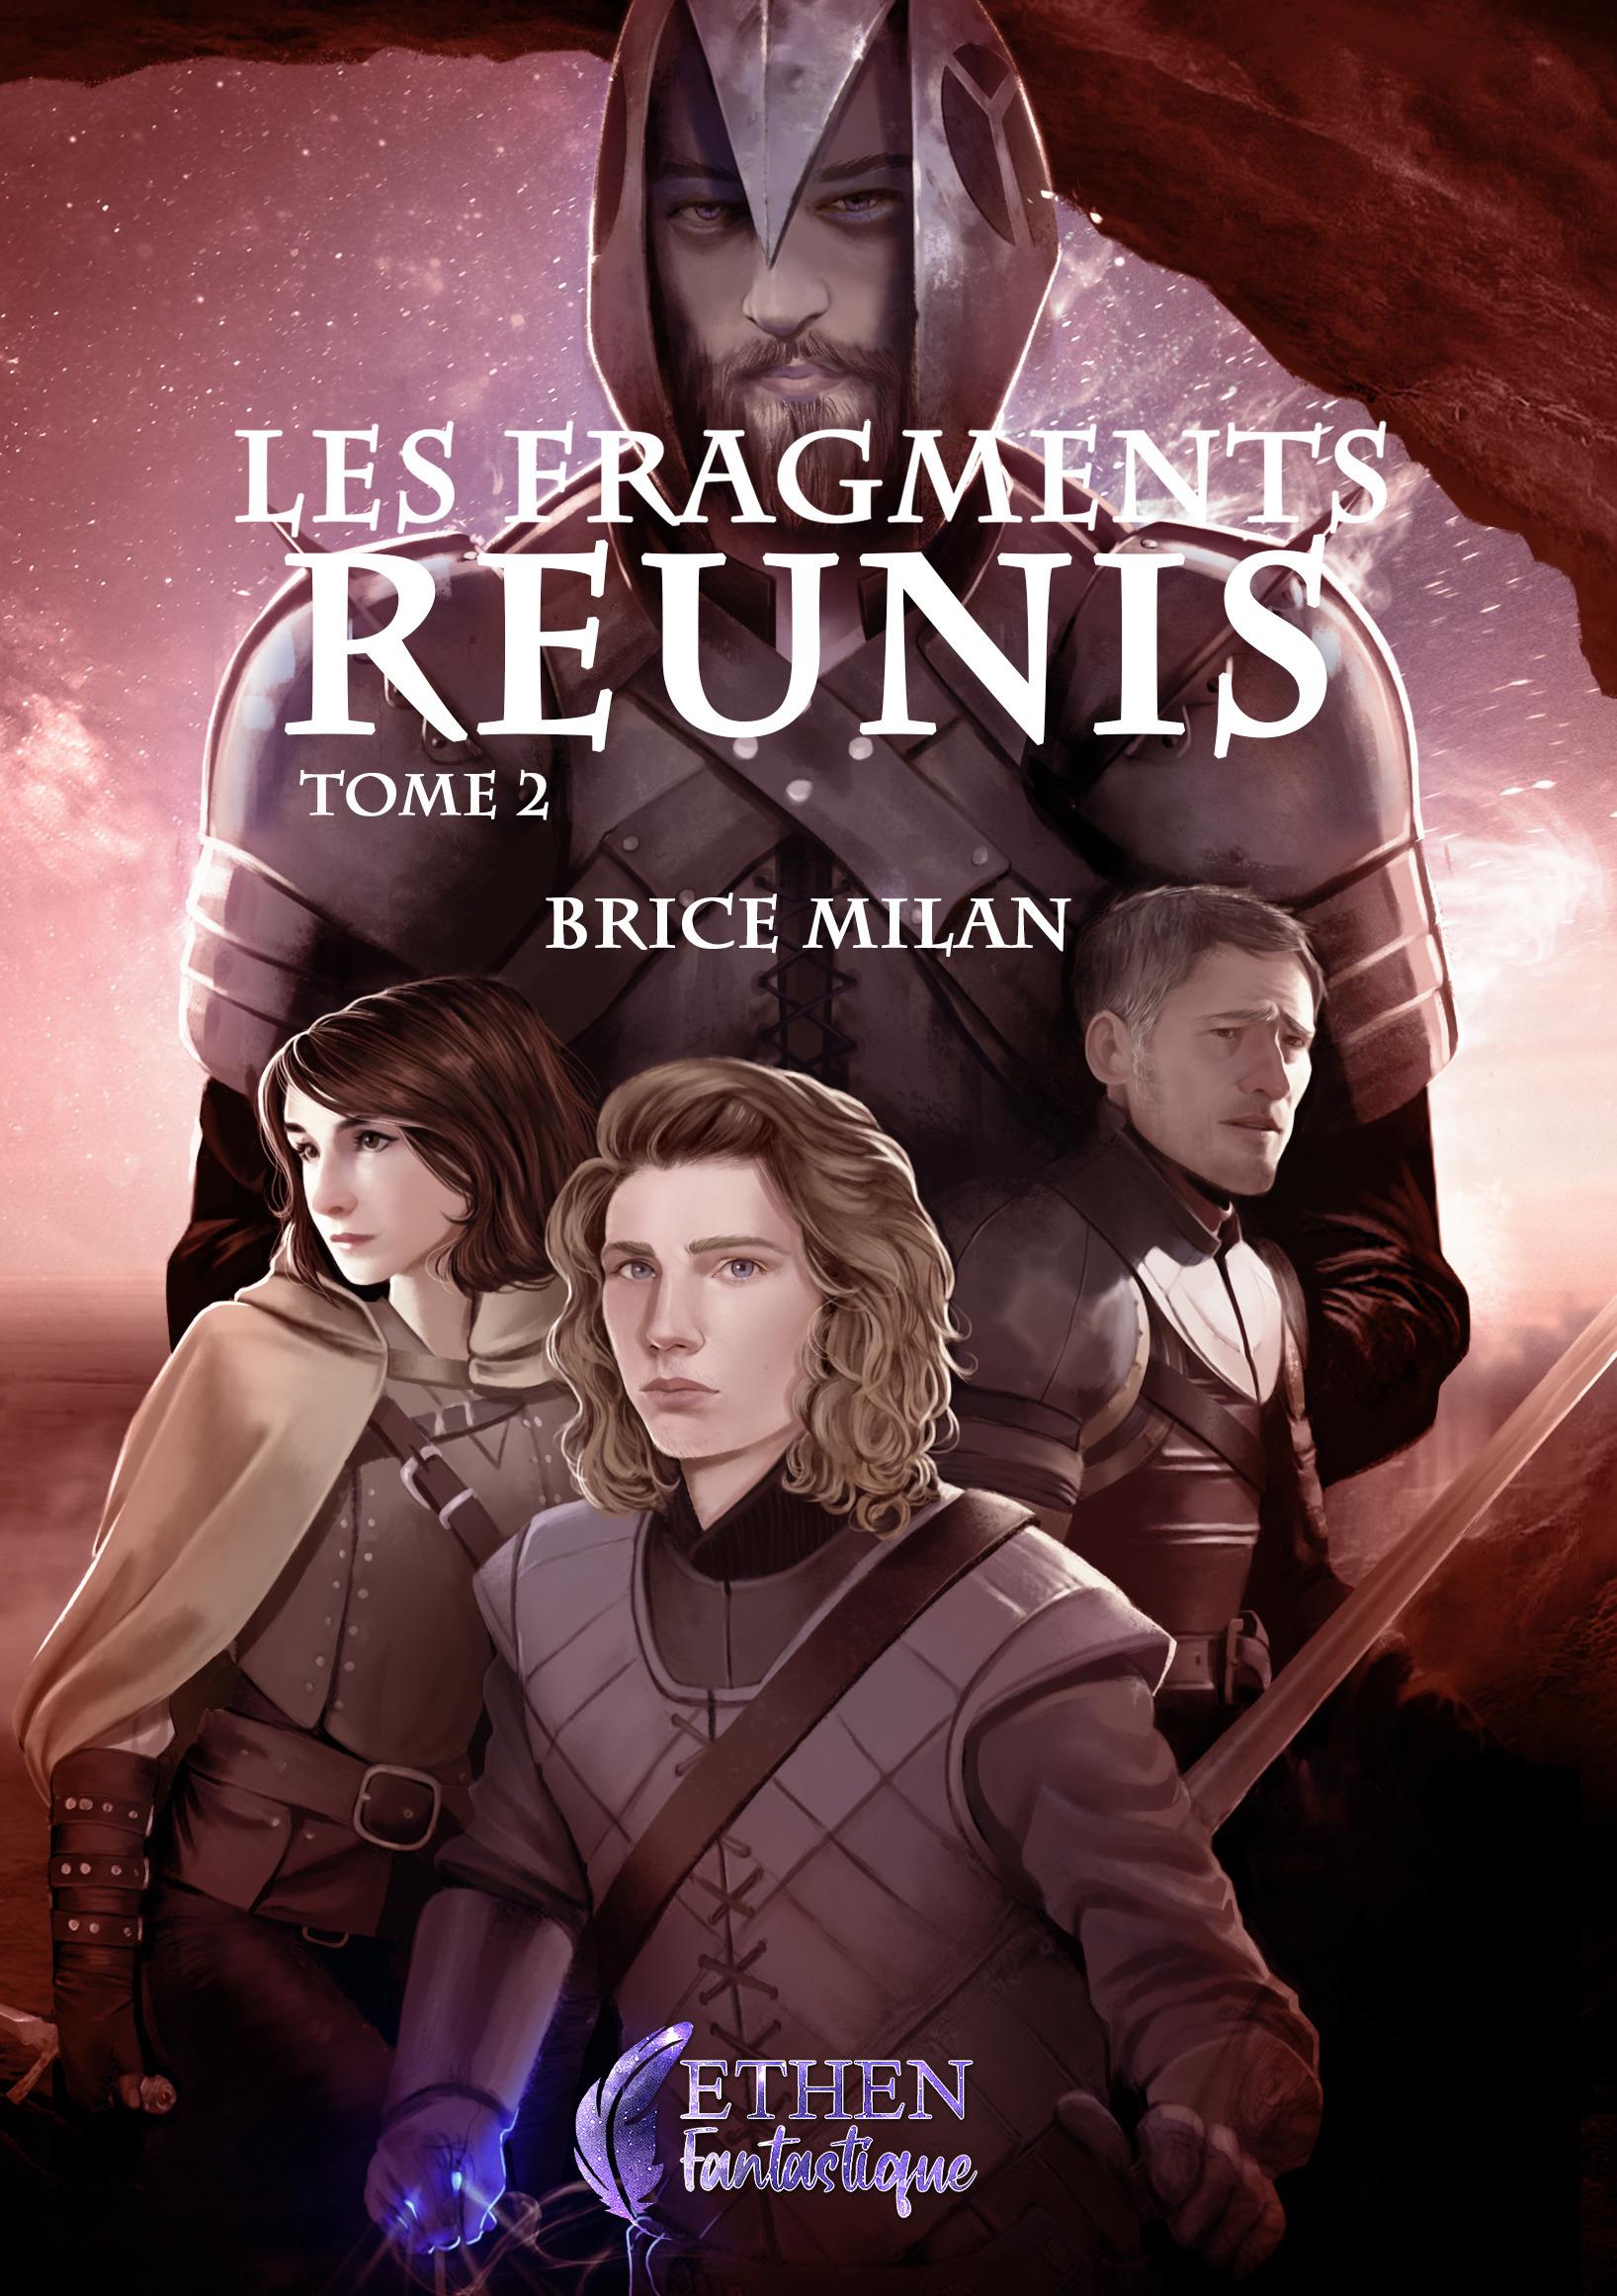 Les fragments réunis